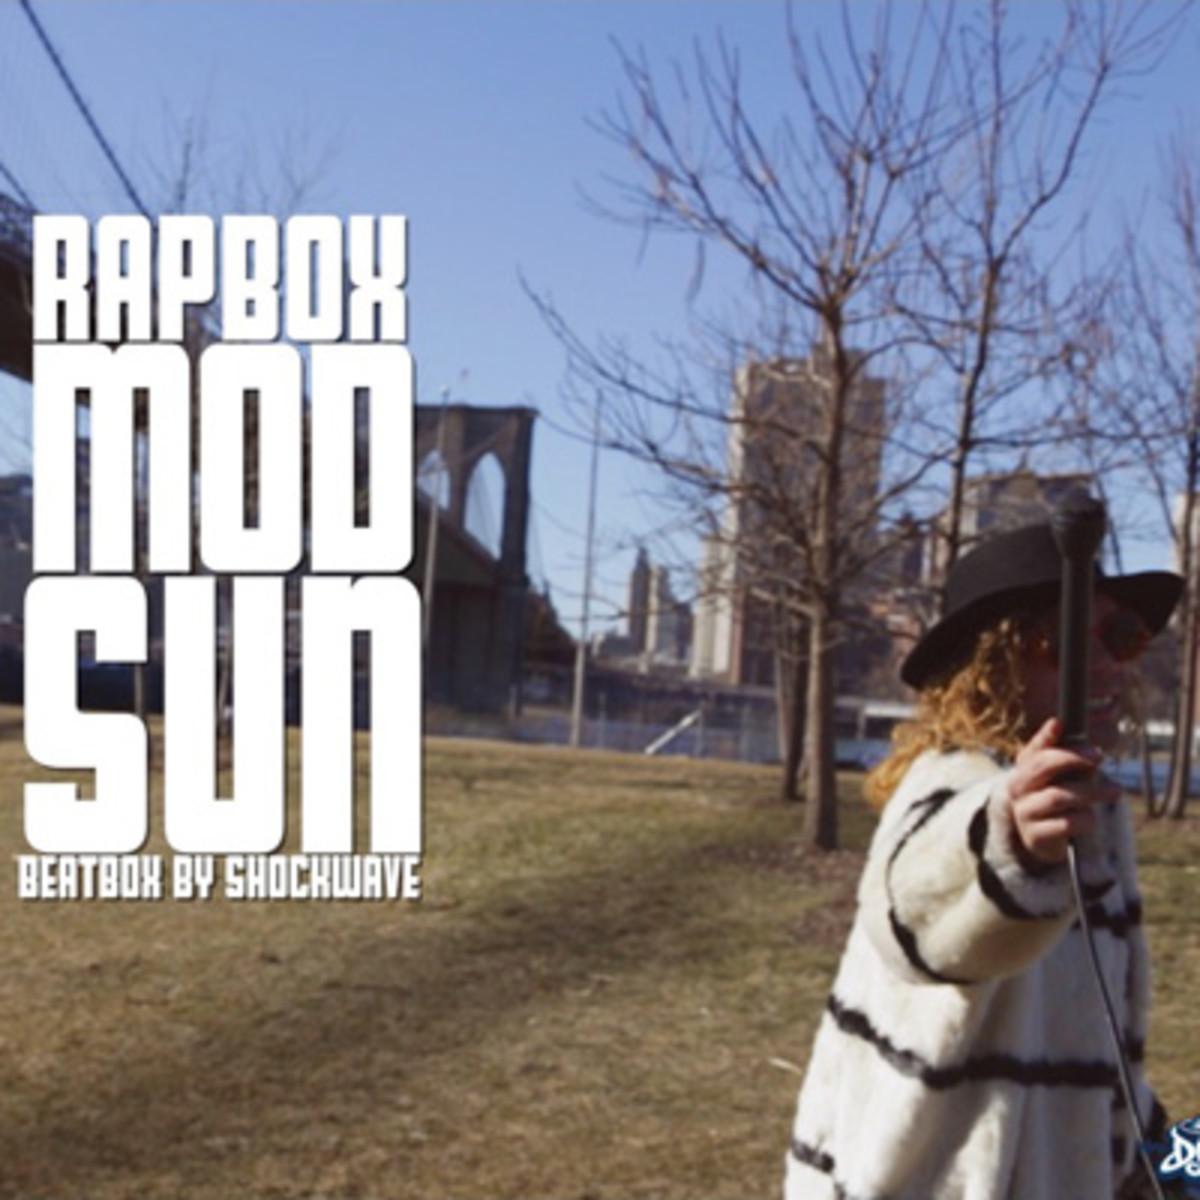 mod-sun-rapbox.jpg